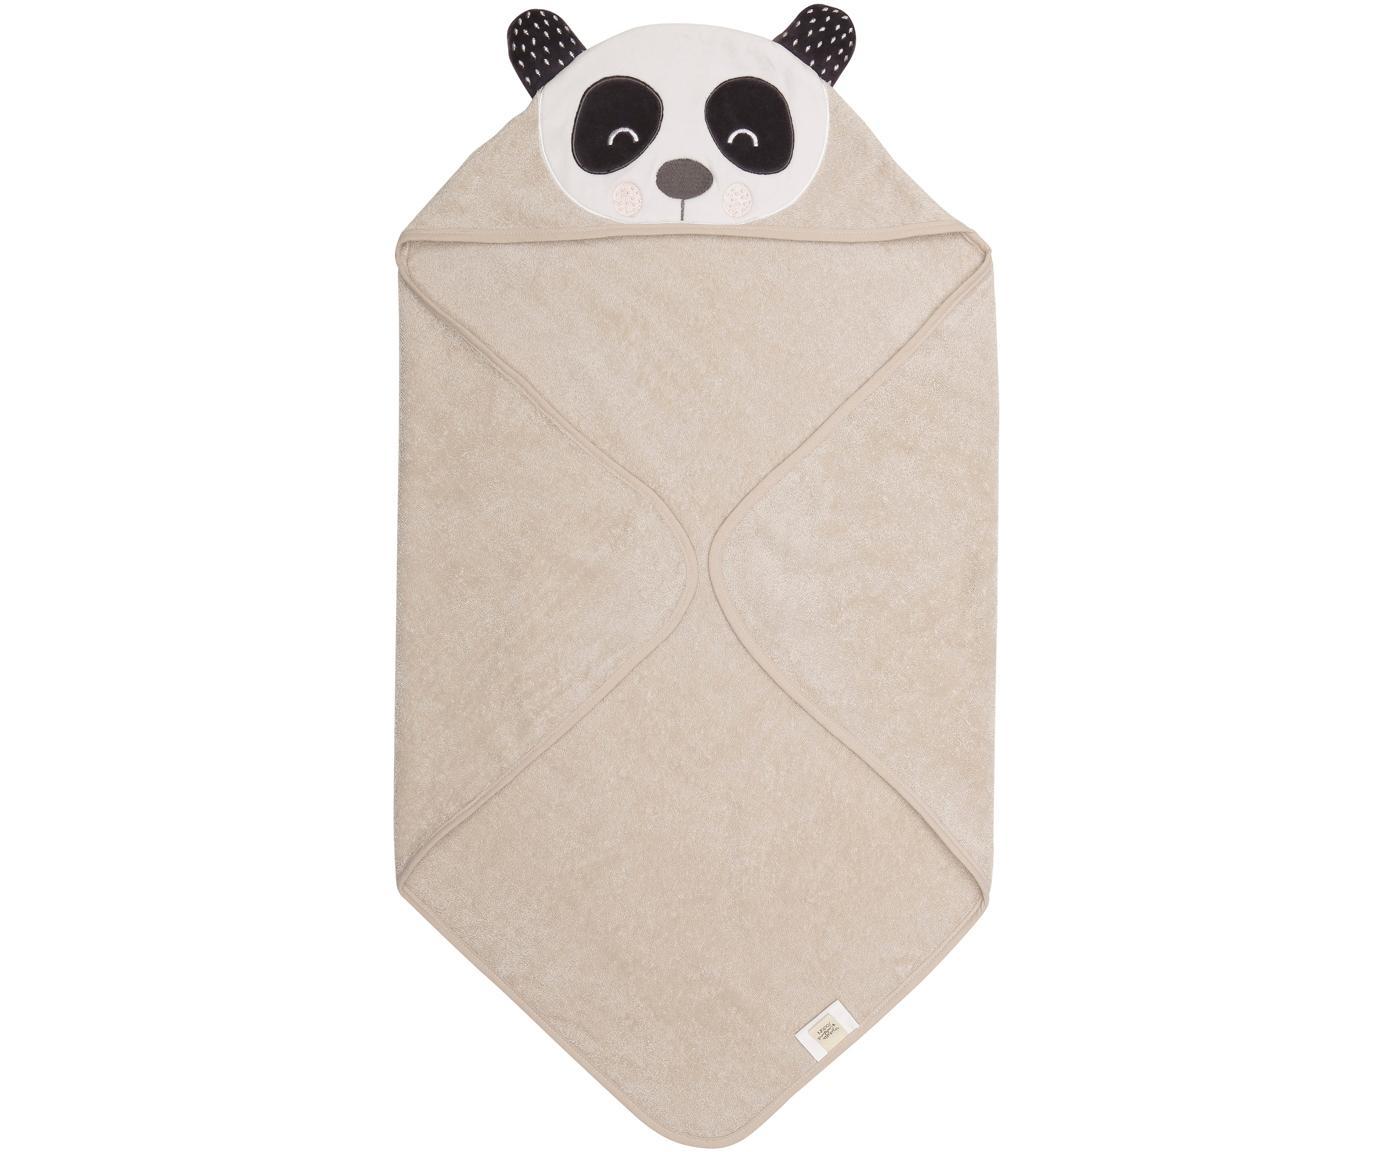 Babyhanddoek Panda Penny, Organisch katoen, GOTS-gecertificeerd, Beige, wit, donkergrijs, 80 x 80 cm